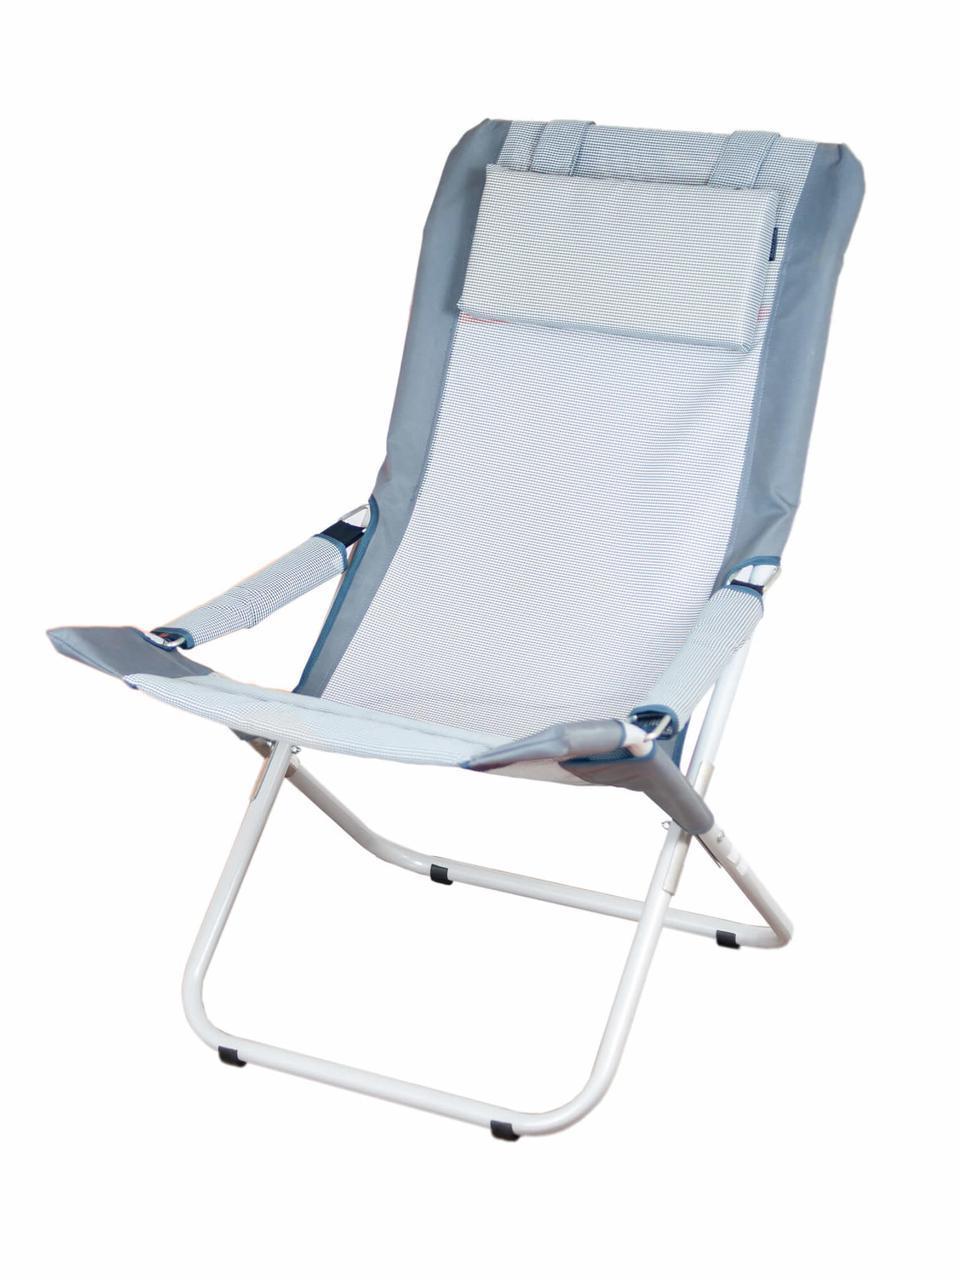 Шезлонг Ranger Comfort 2 Grey (серый цвет)